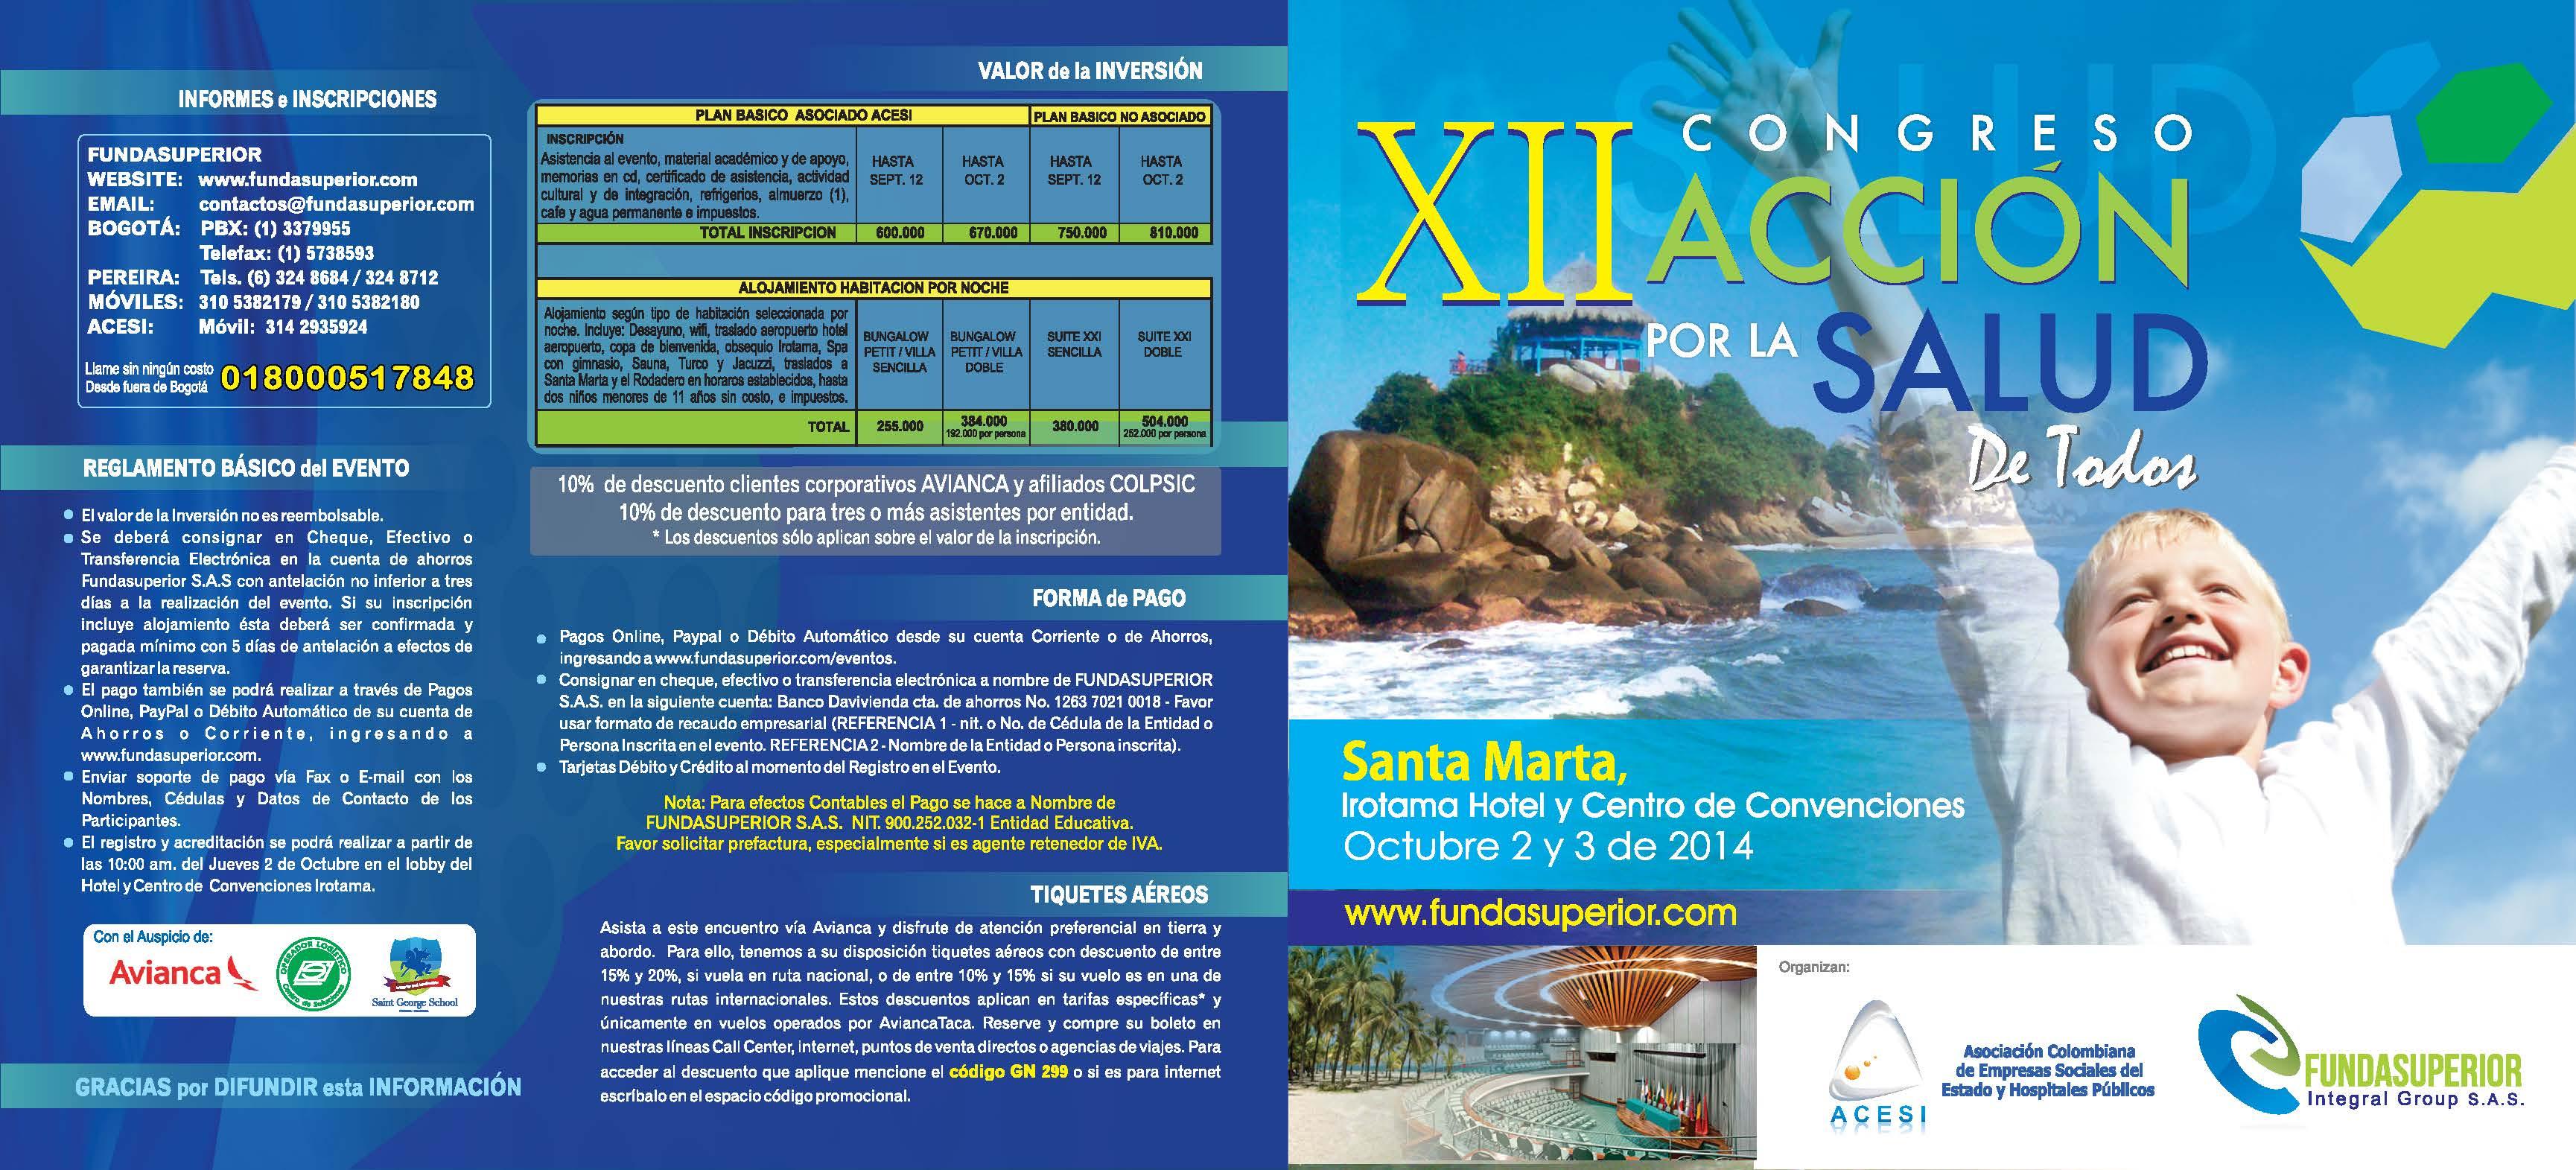 Santa Marta será la sede del Congreso Nacional de ACESI 2014